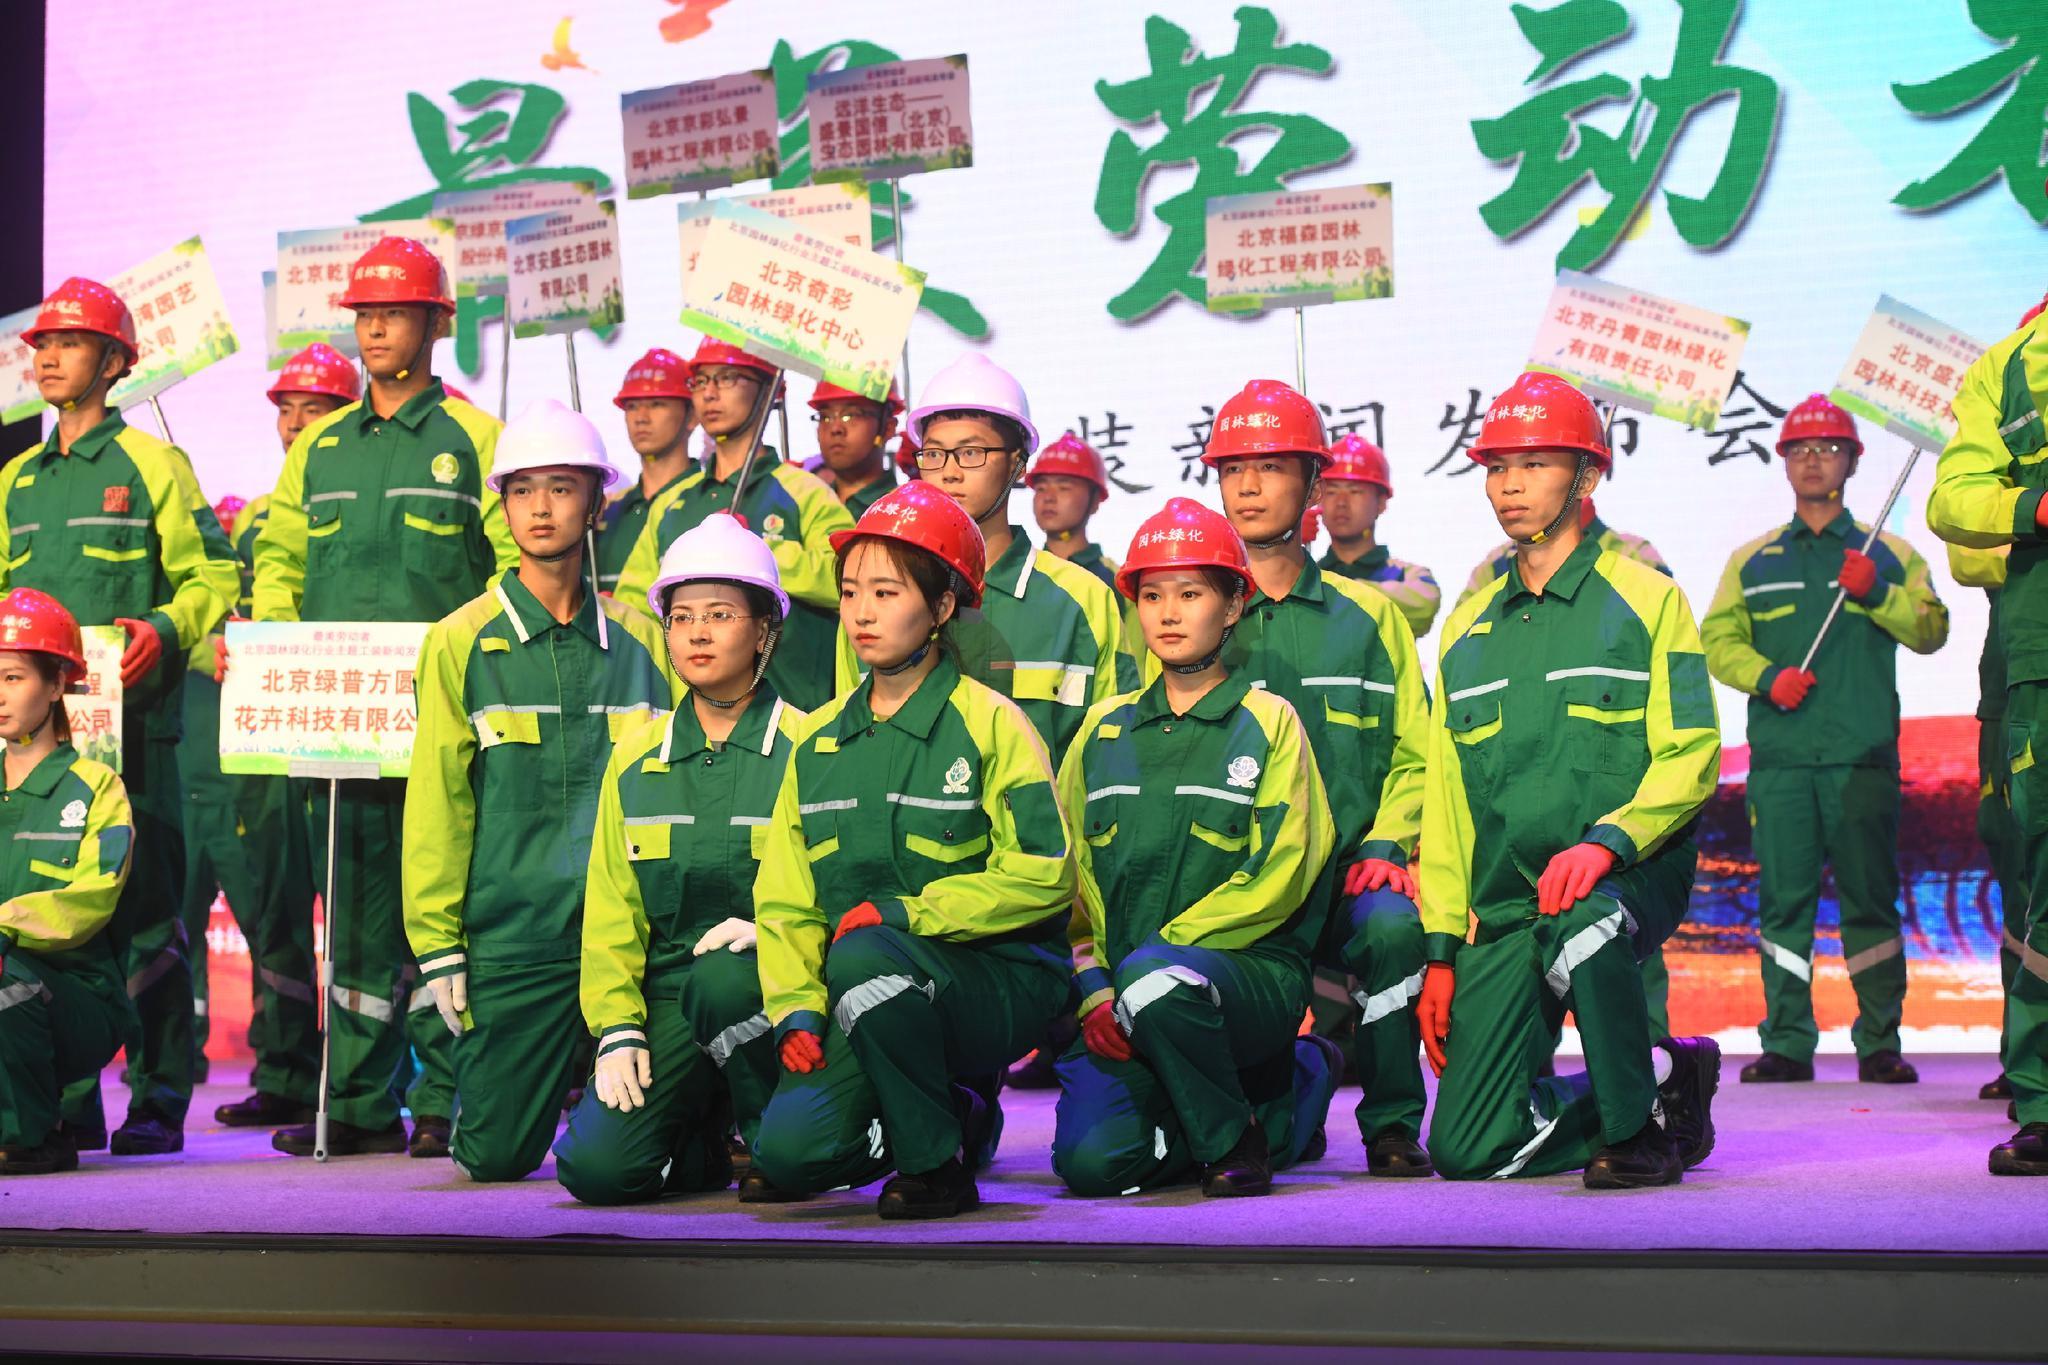 北京15万园林绿化工作者有了统一新工装图片